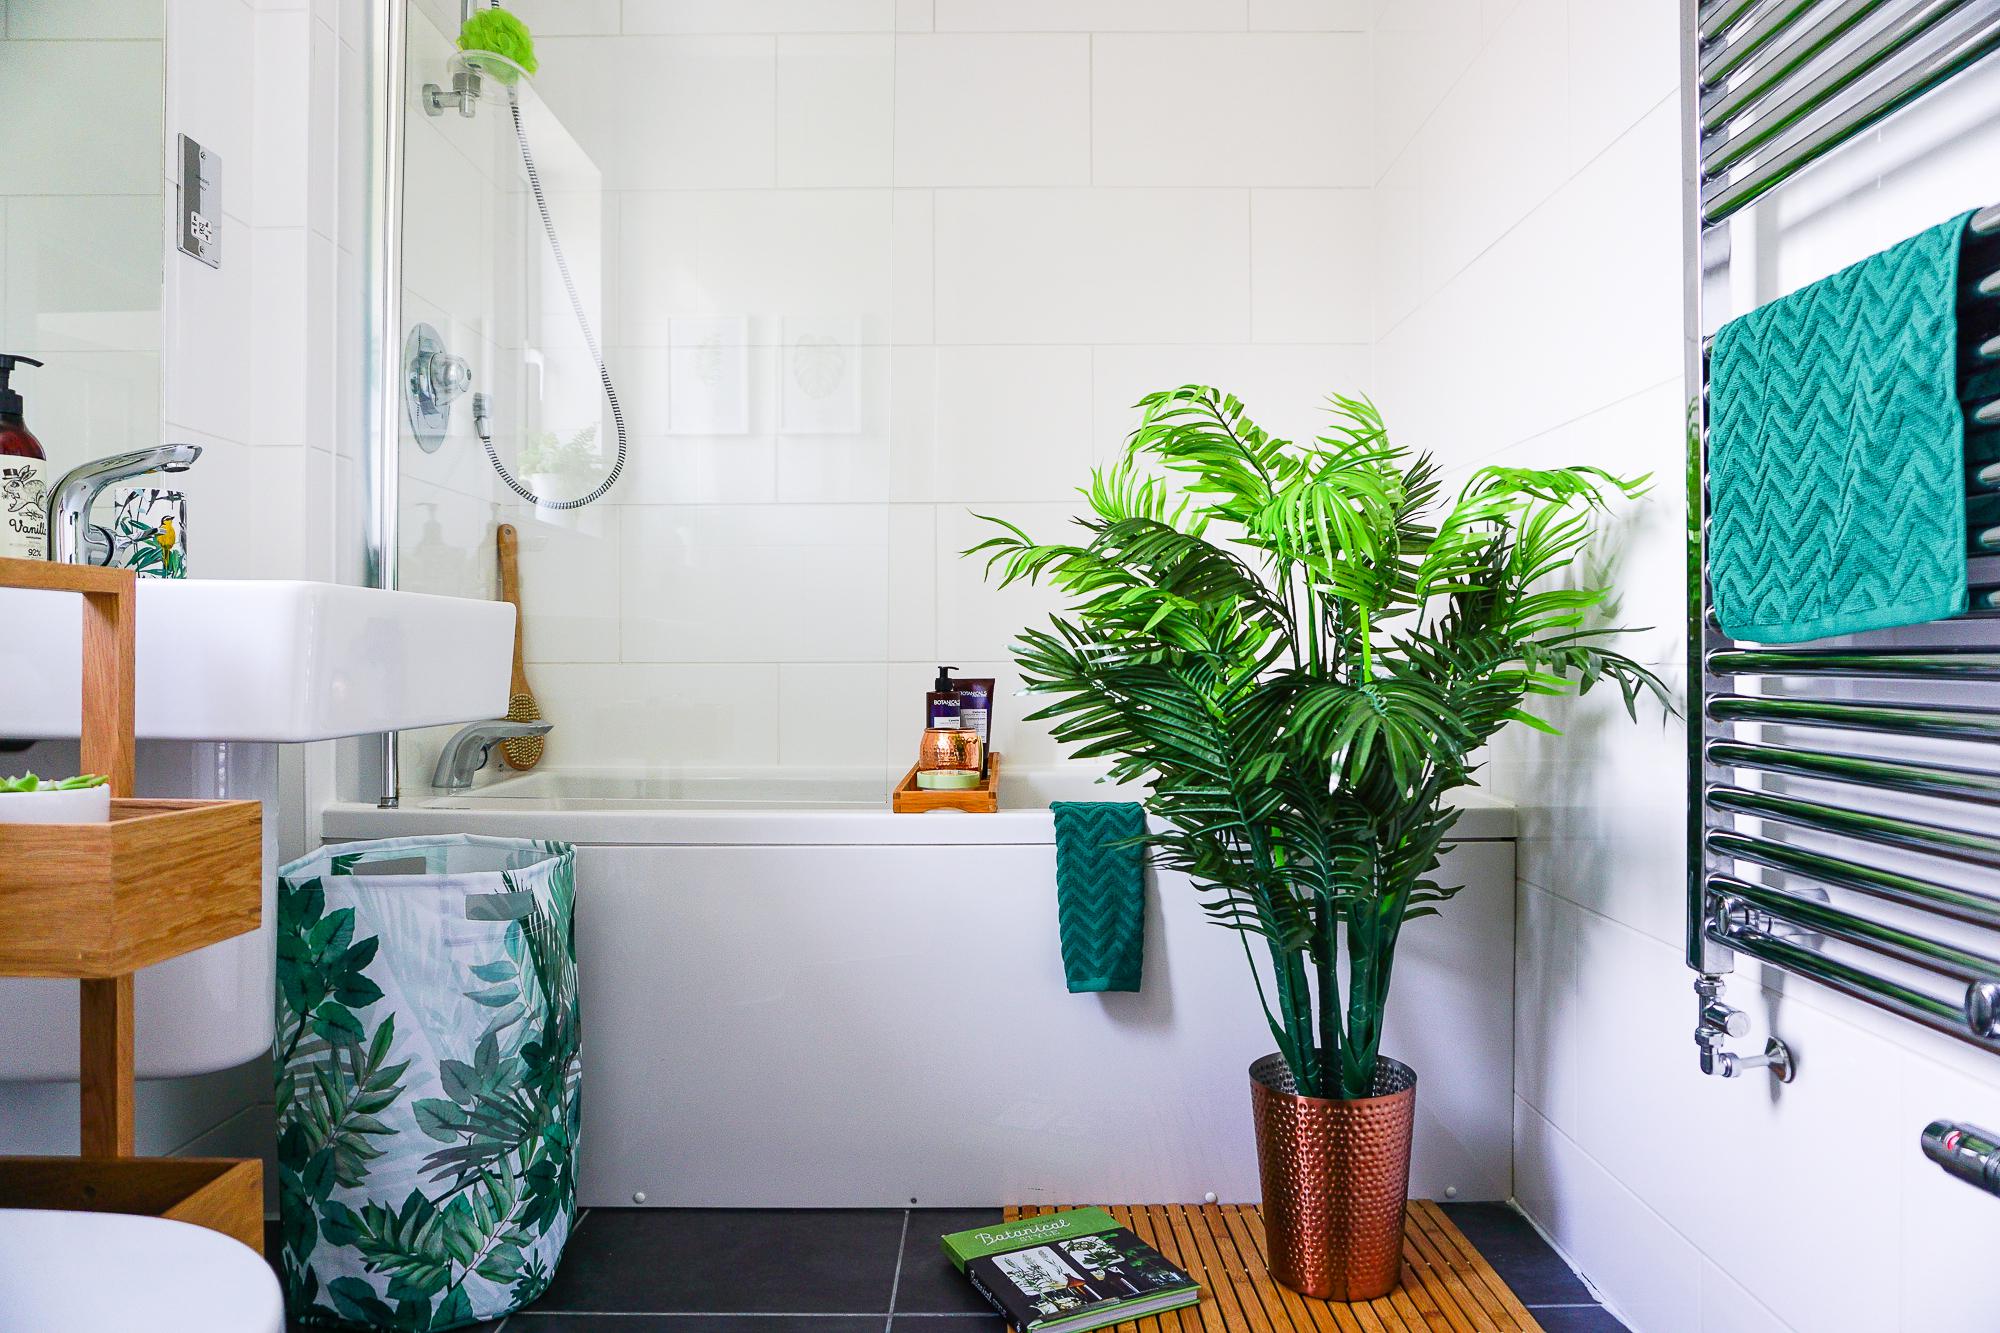 A botanical themed bathroom on a budget